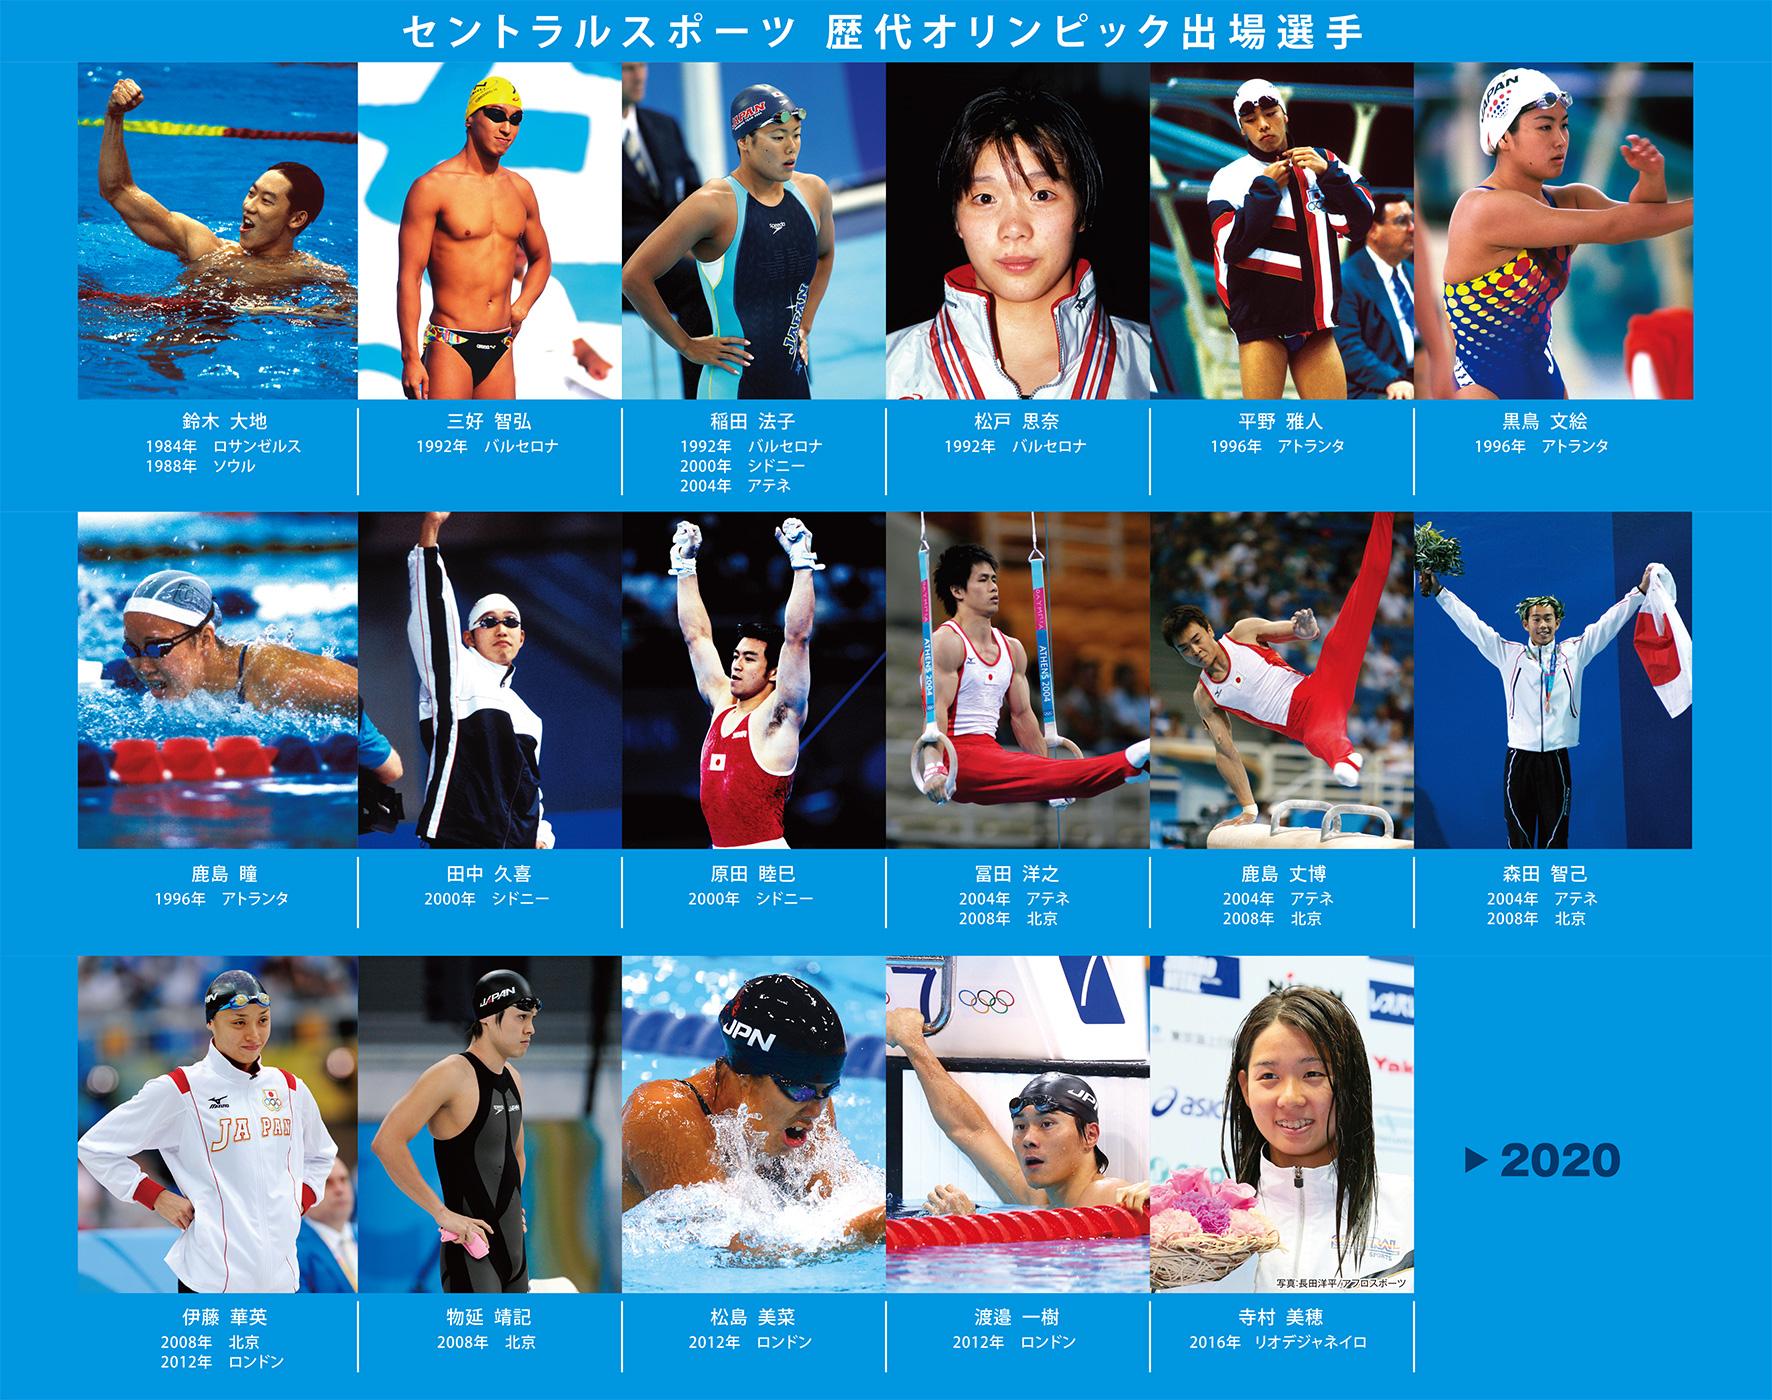 セントラルスポーツの各競技チームをご紹介!【Part1】